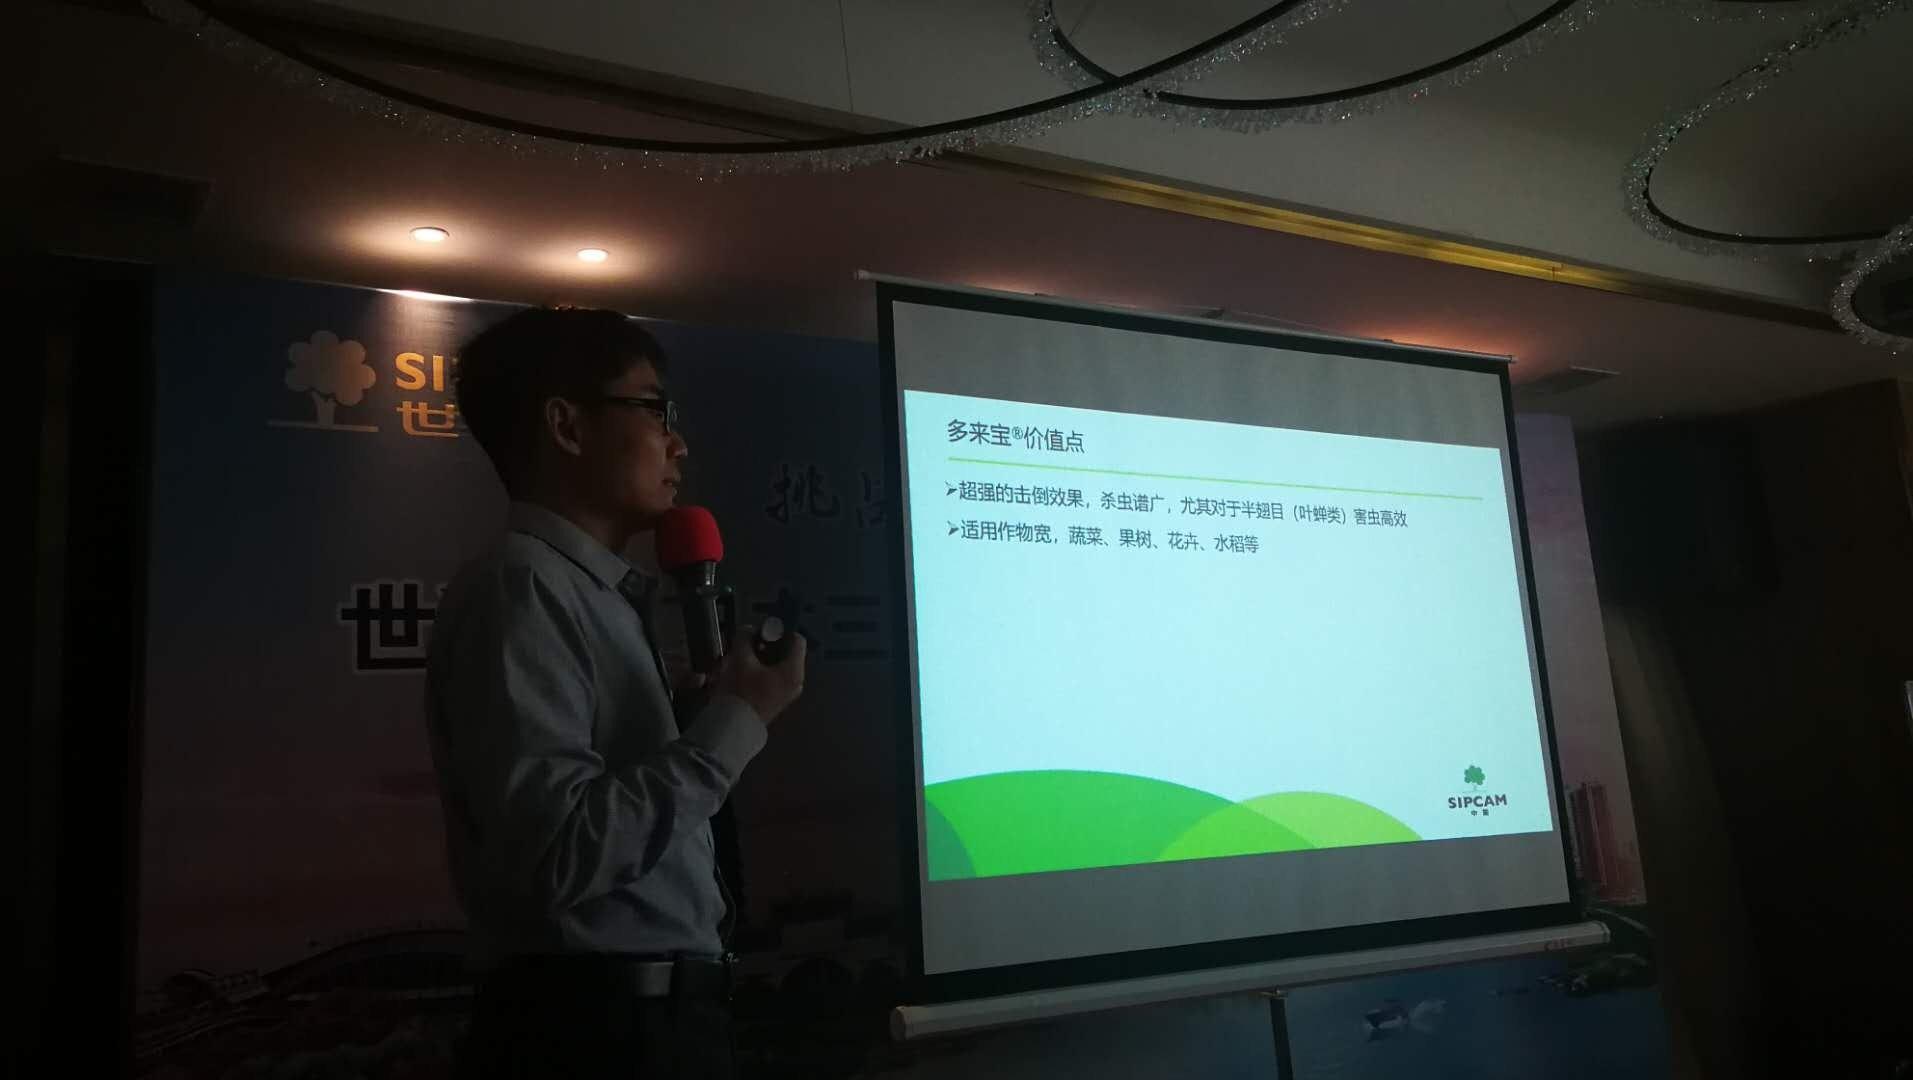 世科姆•日本三井战略合作研讨暨福建省新品发布会